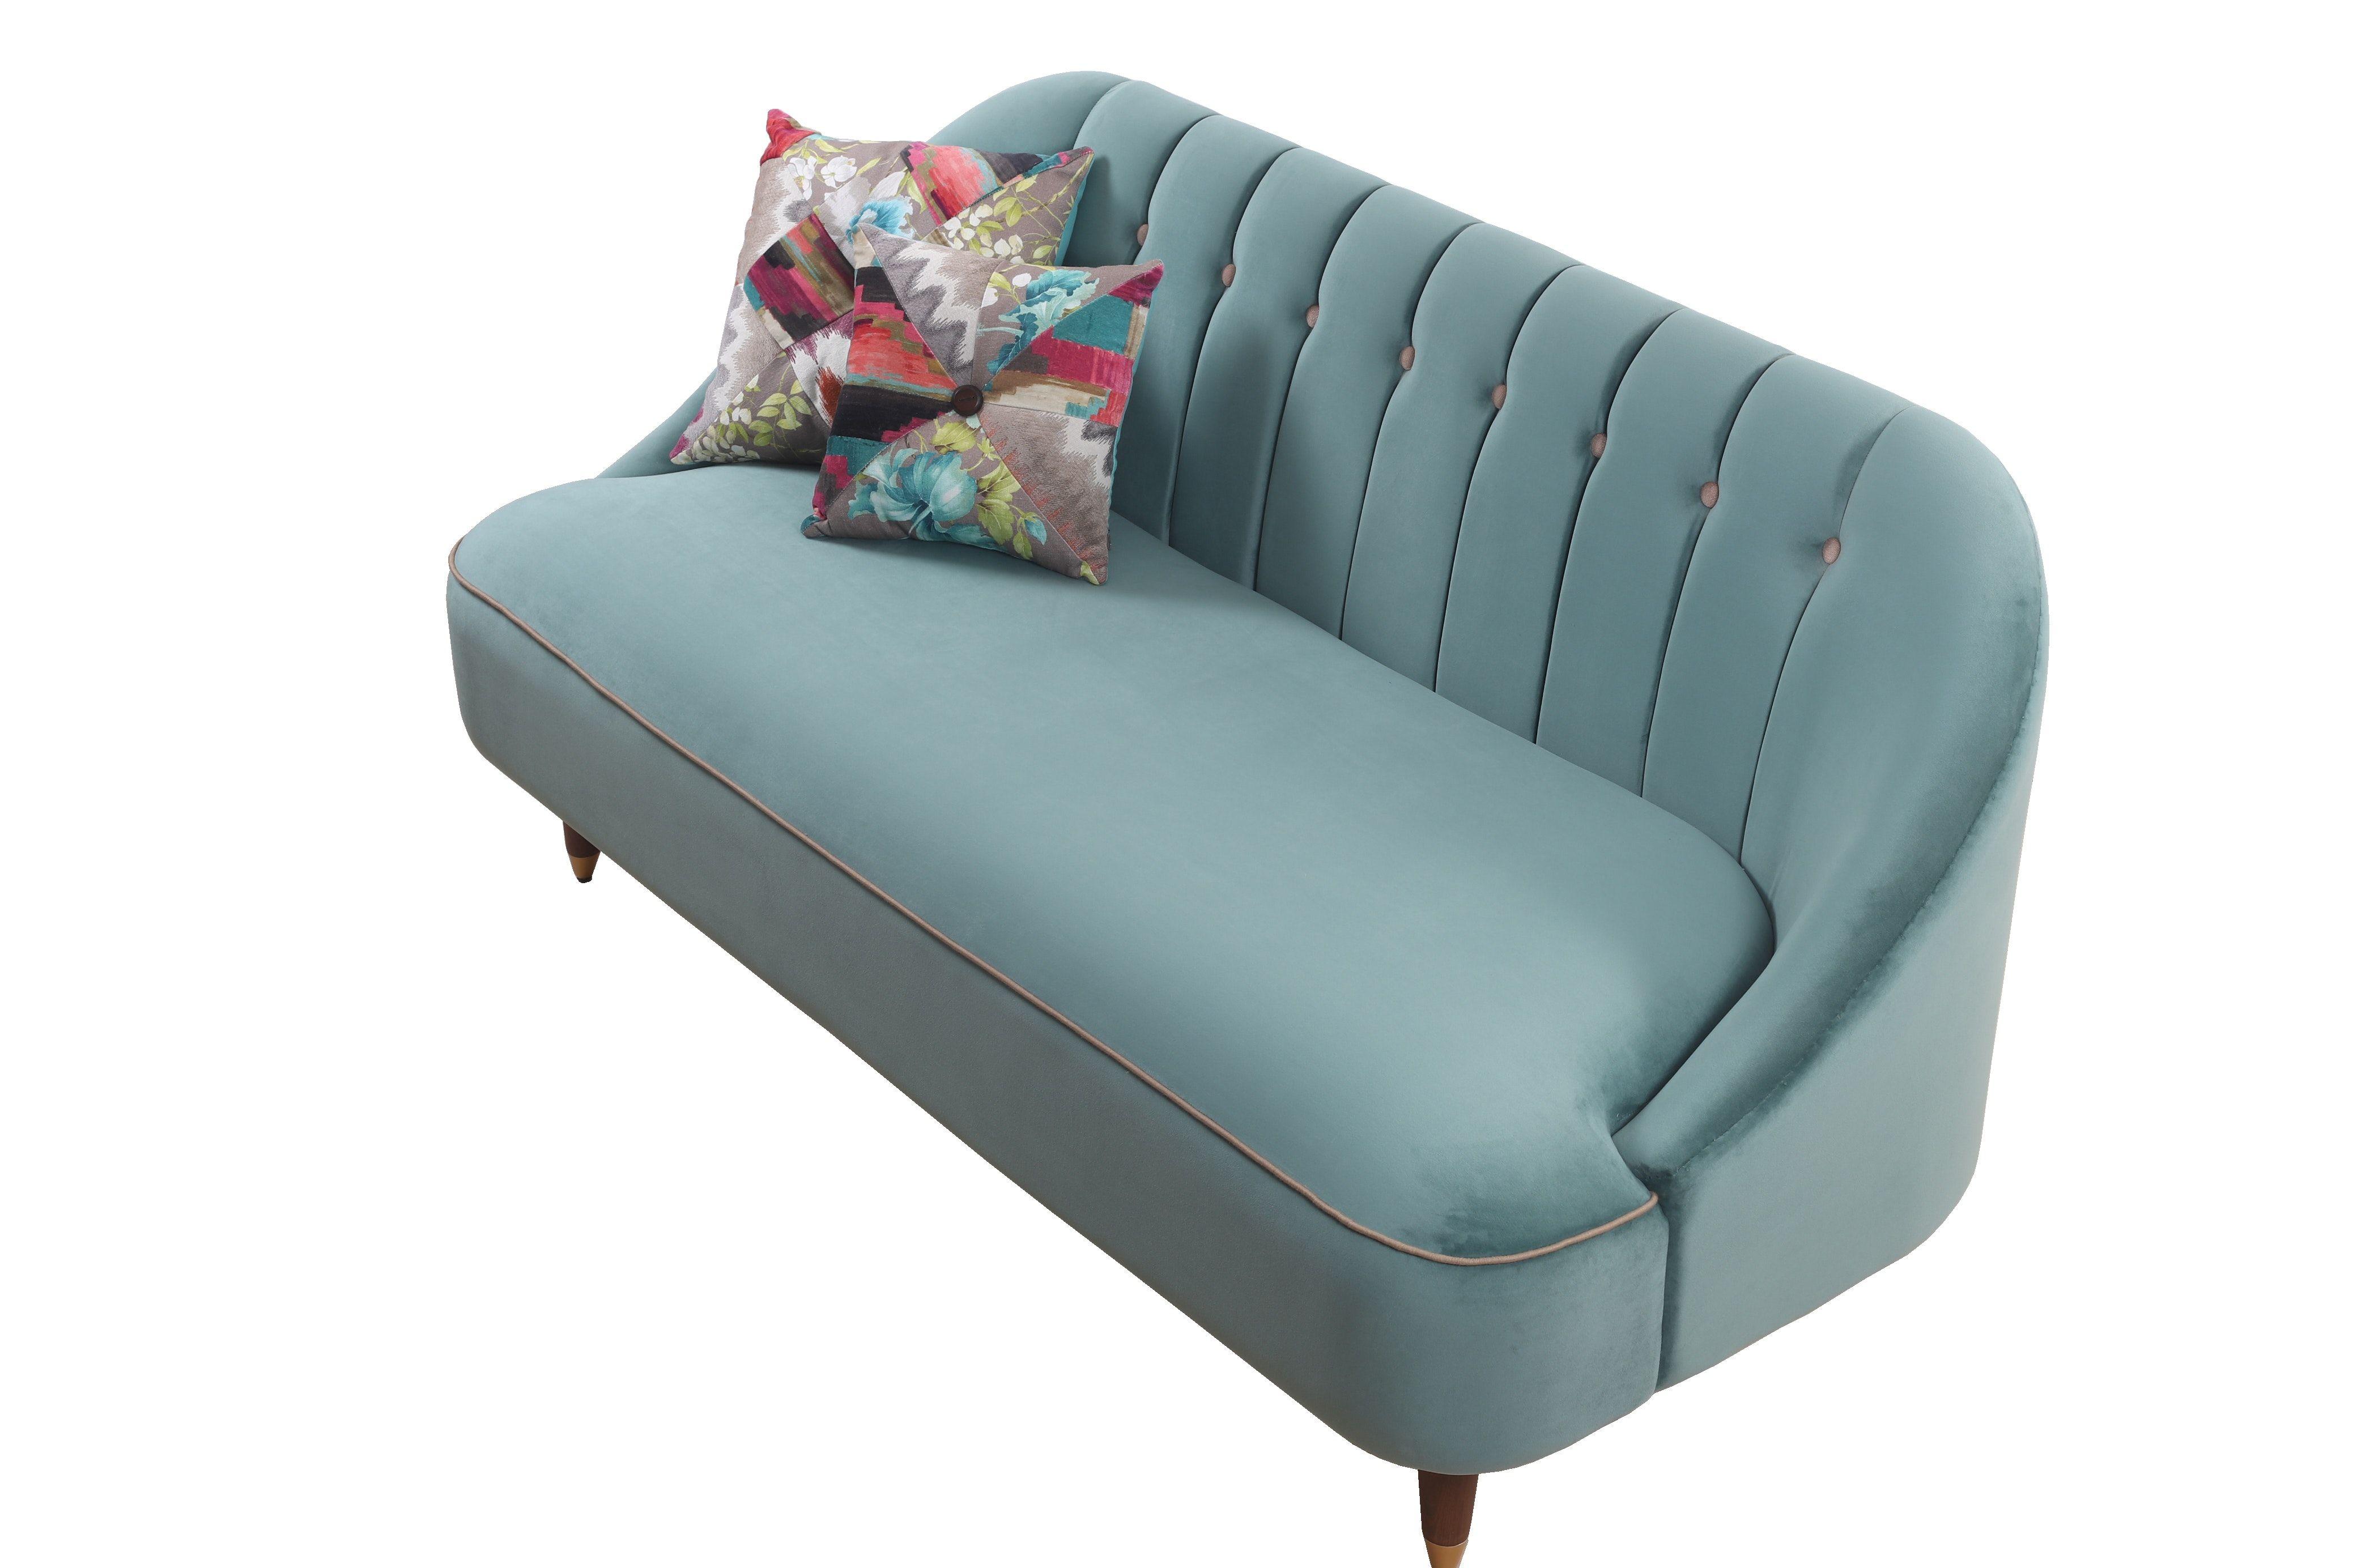 Kukuh A Three Seater Sofa By Alankaram Three Seater Sofa Sofa